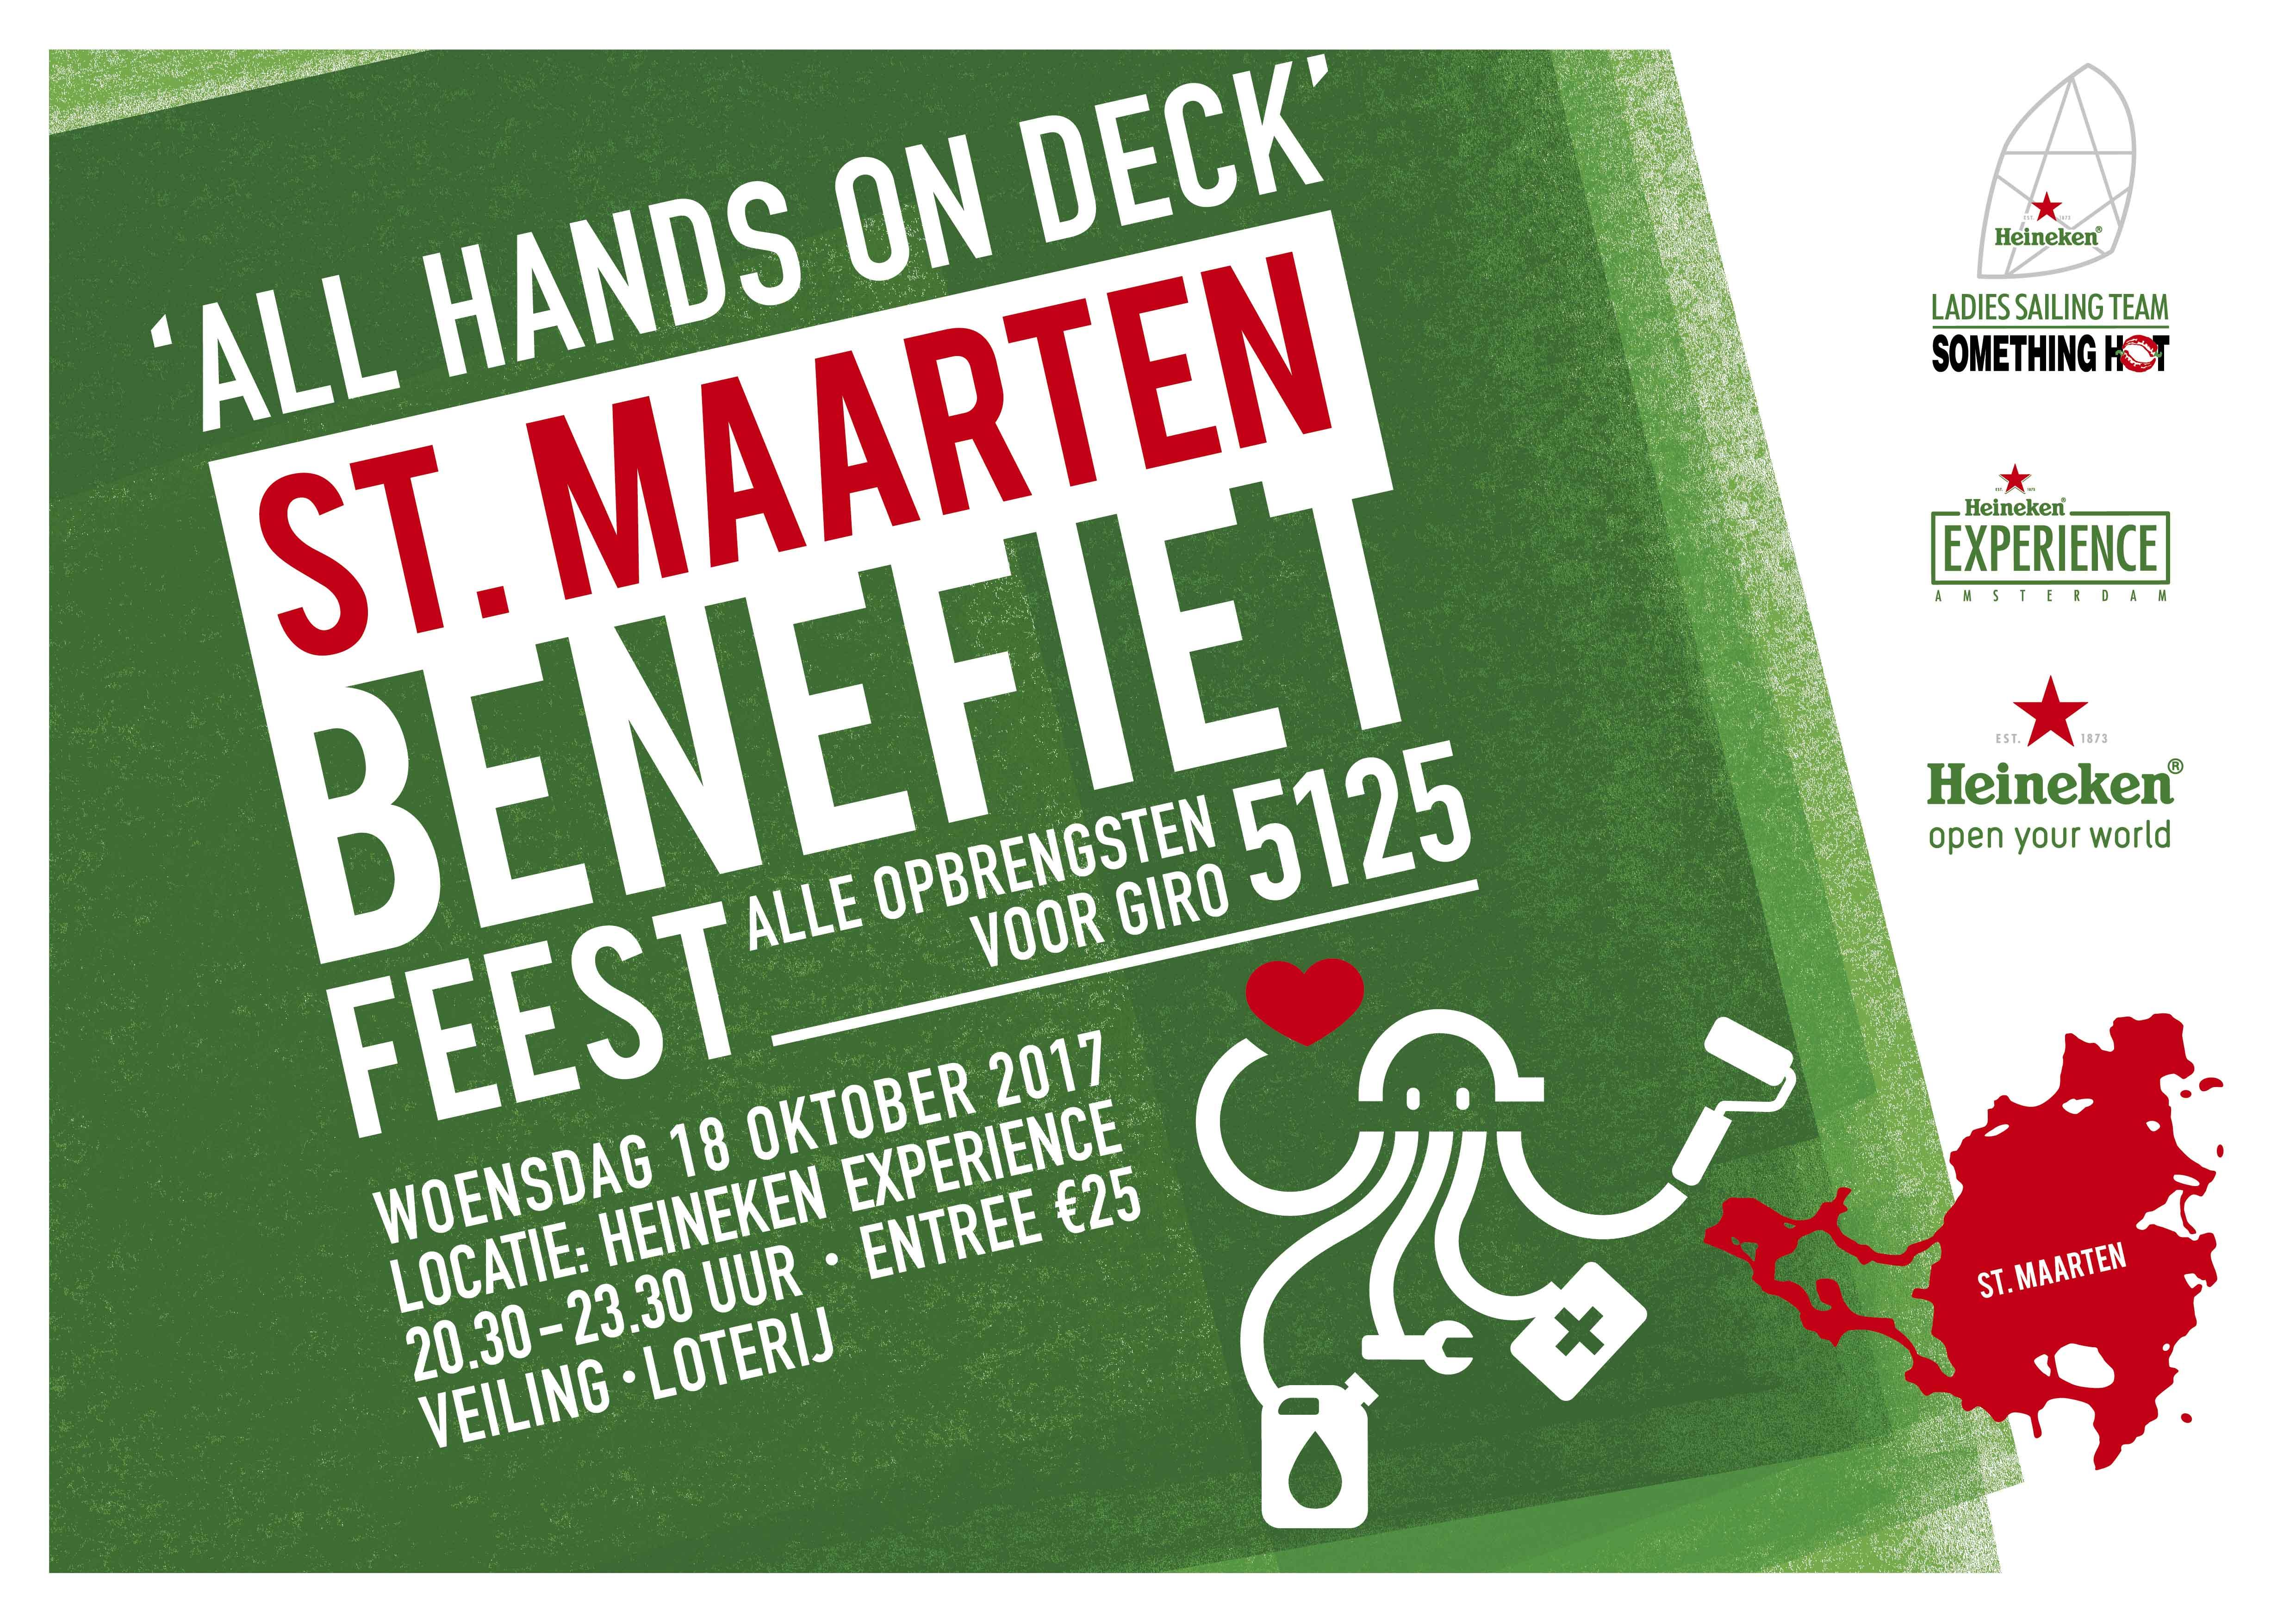 Benefiet Heineken St Maarten 2017